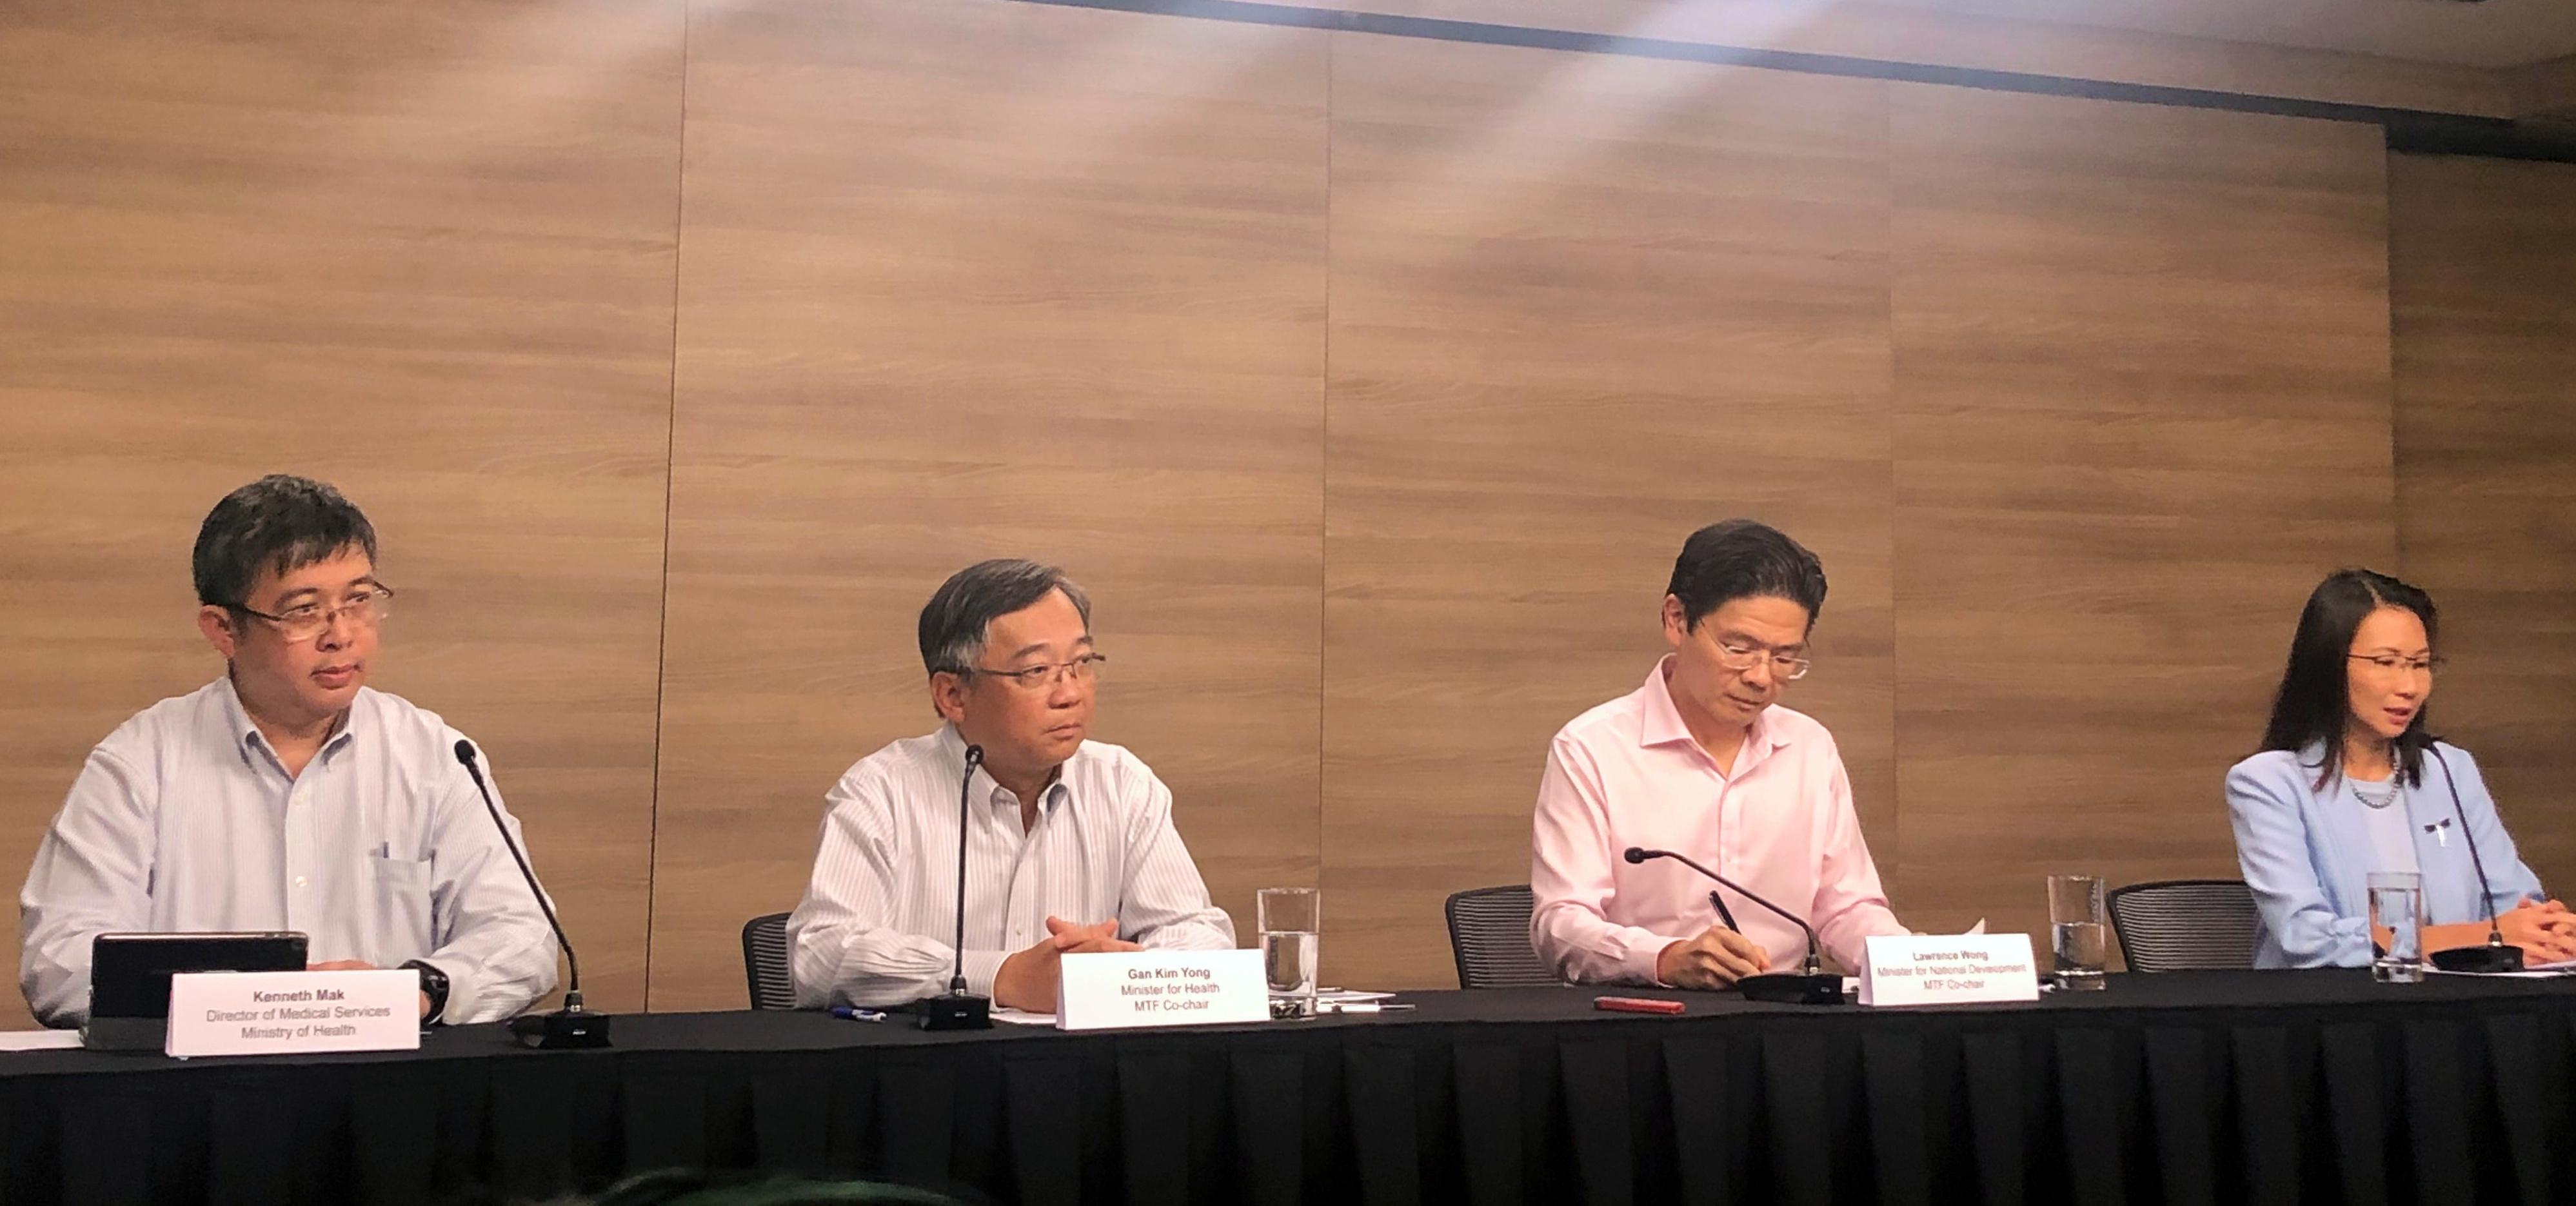 新加坡卫生部长颜金勇(左2)周五率领多部门特别小组召开记者会,宣布抗疫警戒水平从黄色升级到橙色。-路透社-